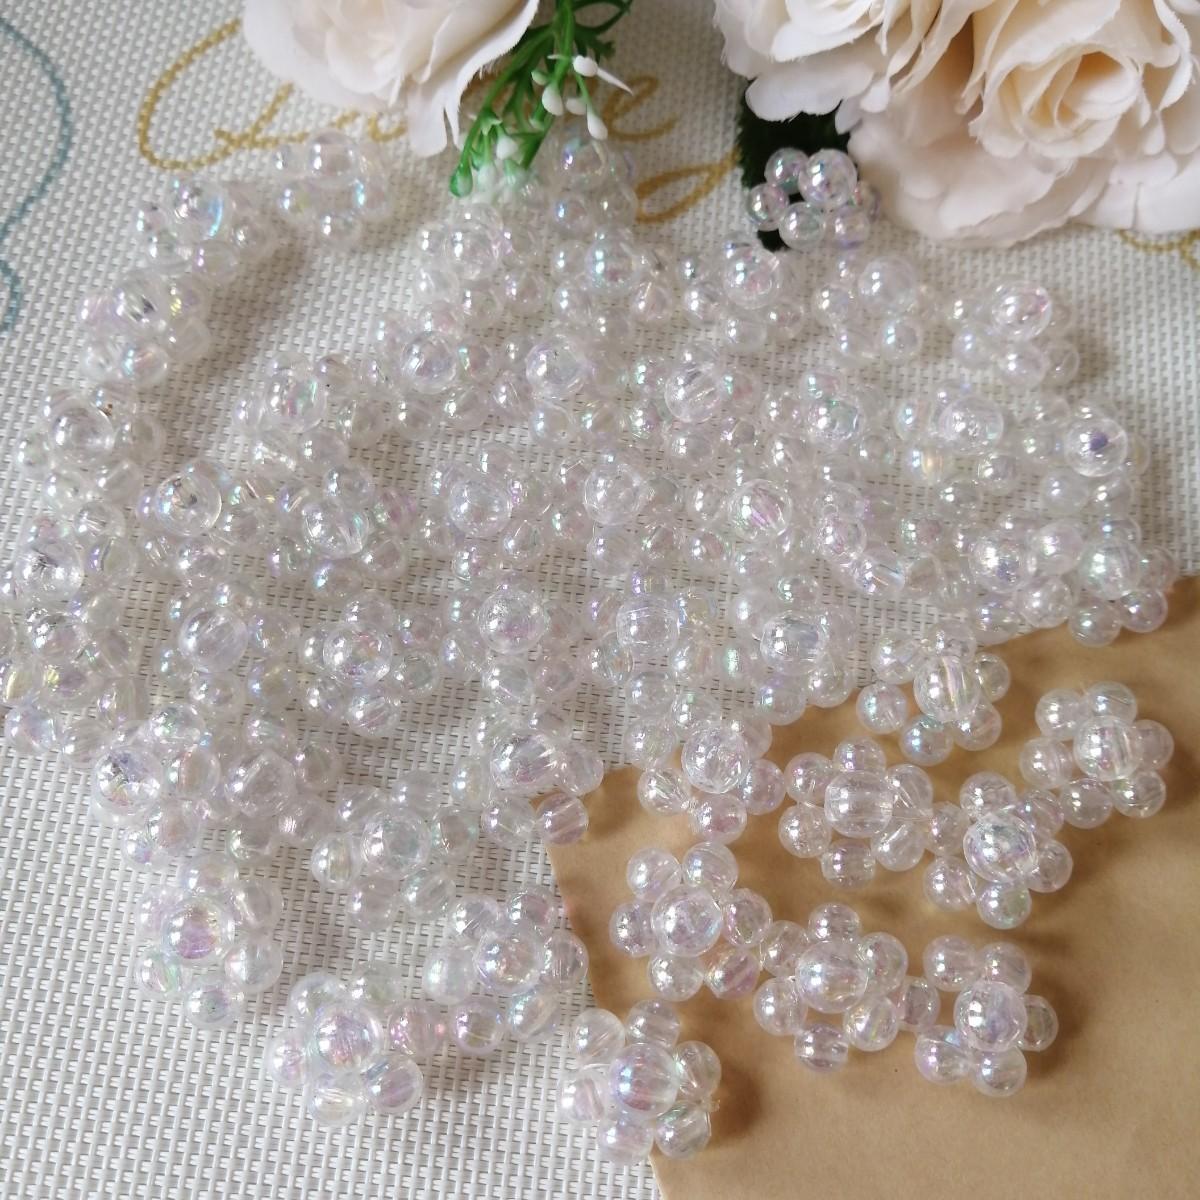 デコパーツ プラパーツ ハンドメイド 手作り リボン 花台 材料 パール 殻色Q